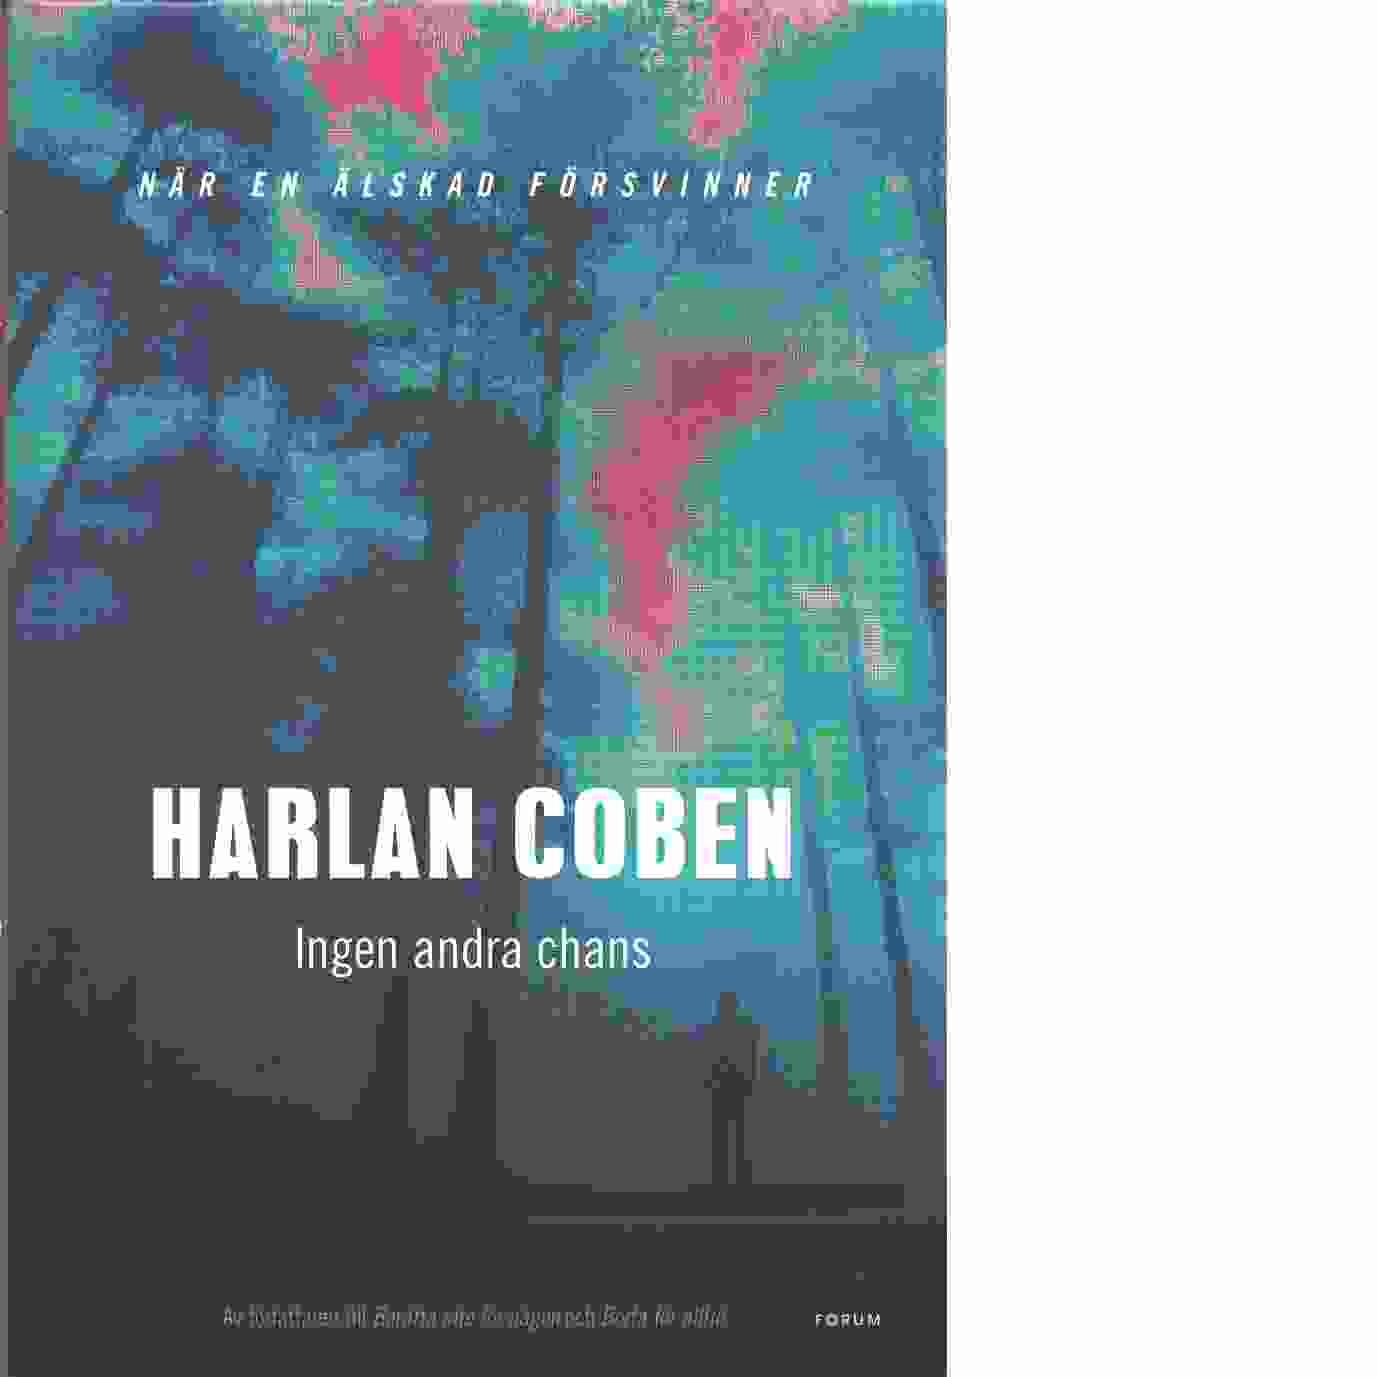 Ingen andra chans - Coben, Harlan